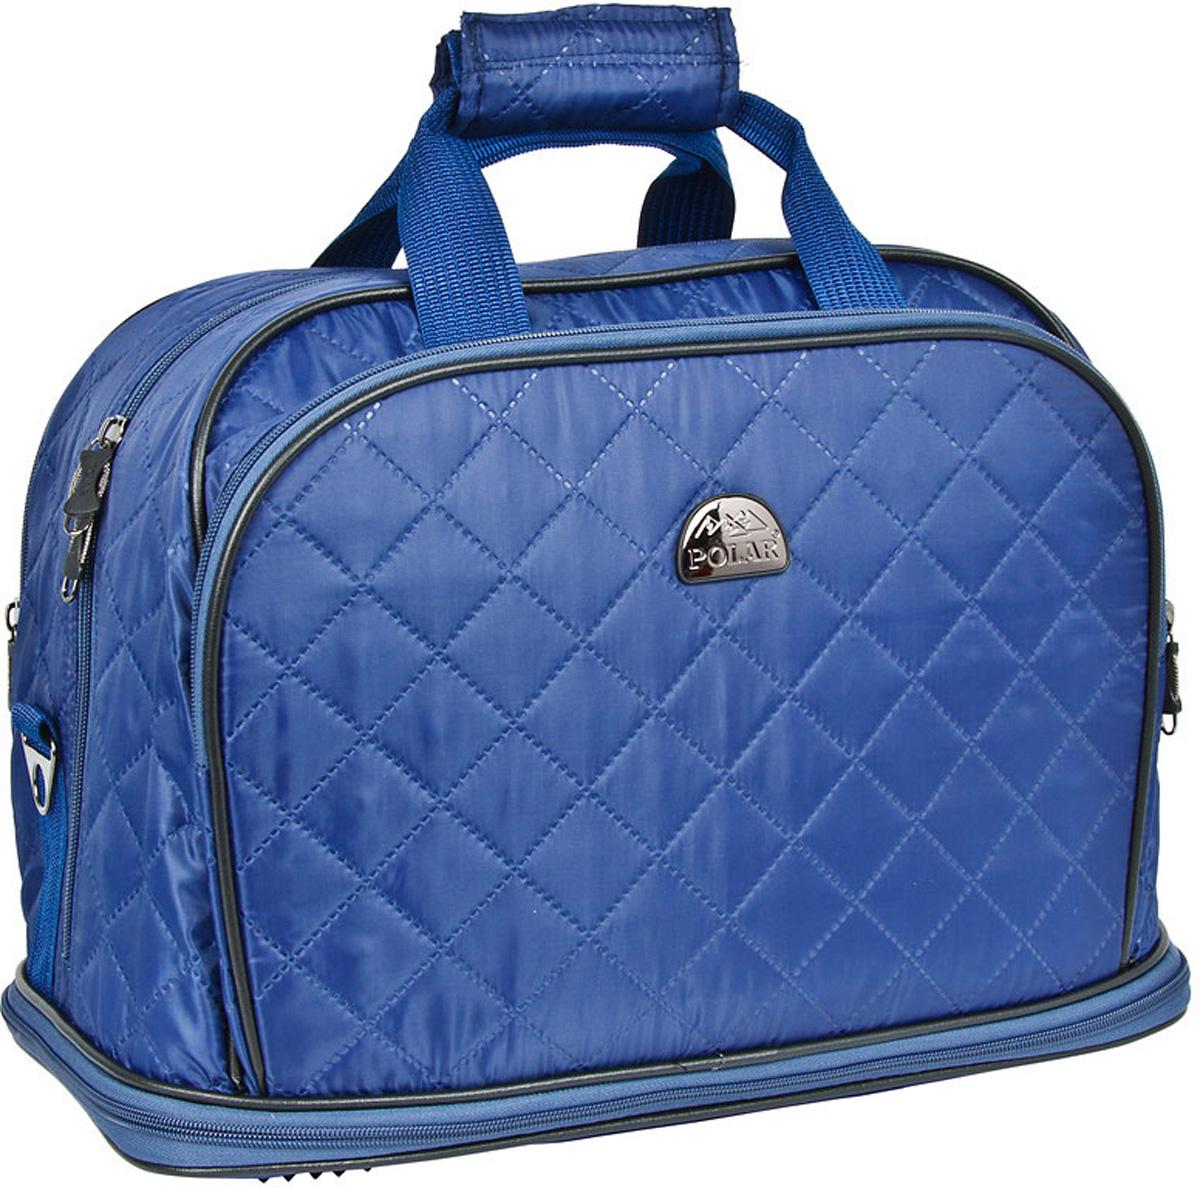 Сумка дорожная Polar Стежка, раздвижная, цвет: синий, 29 л, 40 х 30 х 24 см. 7055.17055.1Дорожная сумка Polar. Имеется съемный плечевой ремень, что бы носить сумку через плечо. Одно большое отделение для ваших вещей. Увеличивается в длину на 13 см. Два кармана спереди сумки на молнии. Высота ручек 17 см.